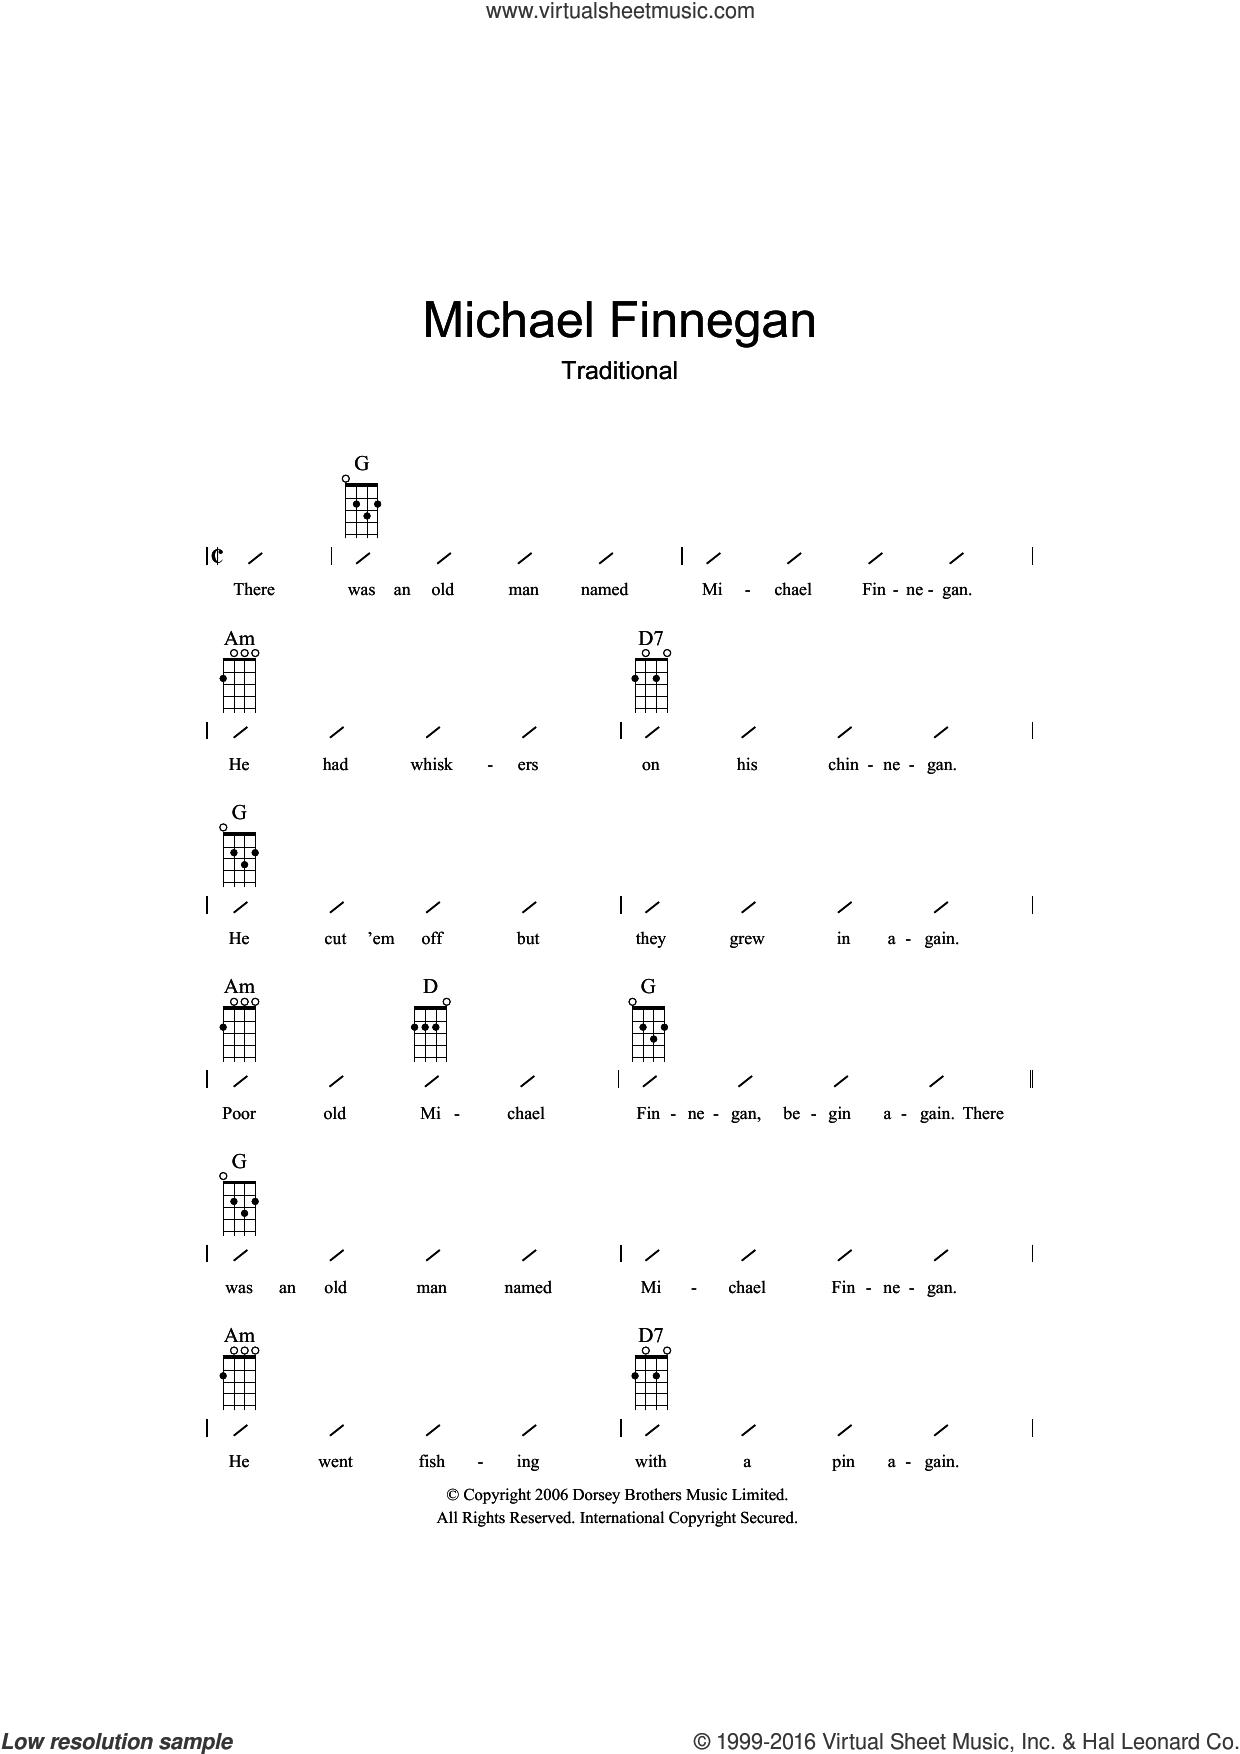 Michael Finnegan sheet music for ukulele (chords), intermediate skill level